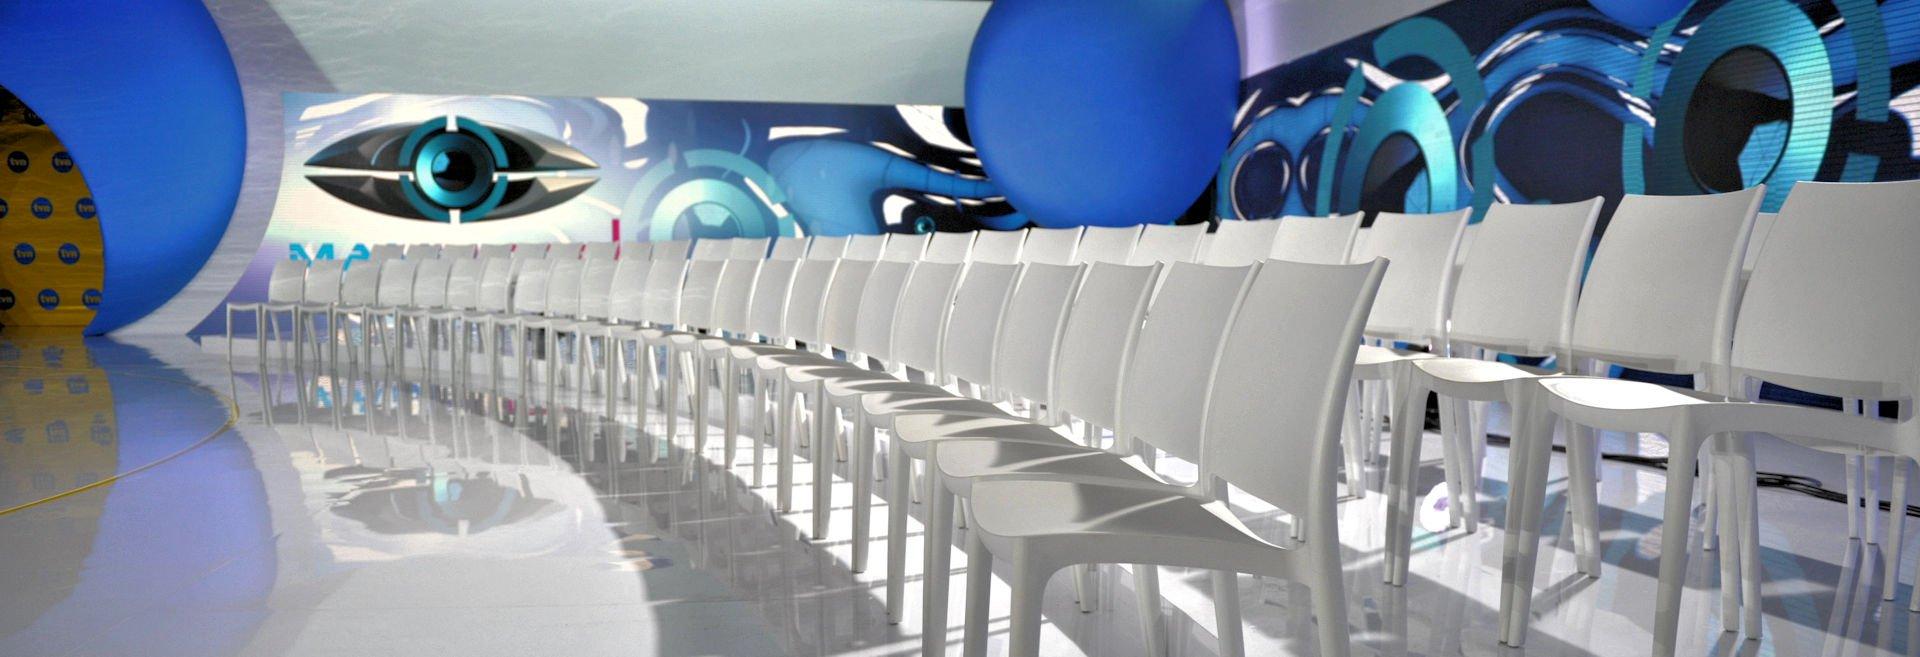 wypozyczalnia-krzesel-eventowych-warszawa